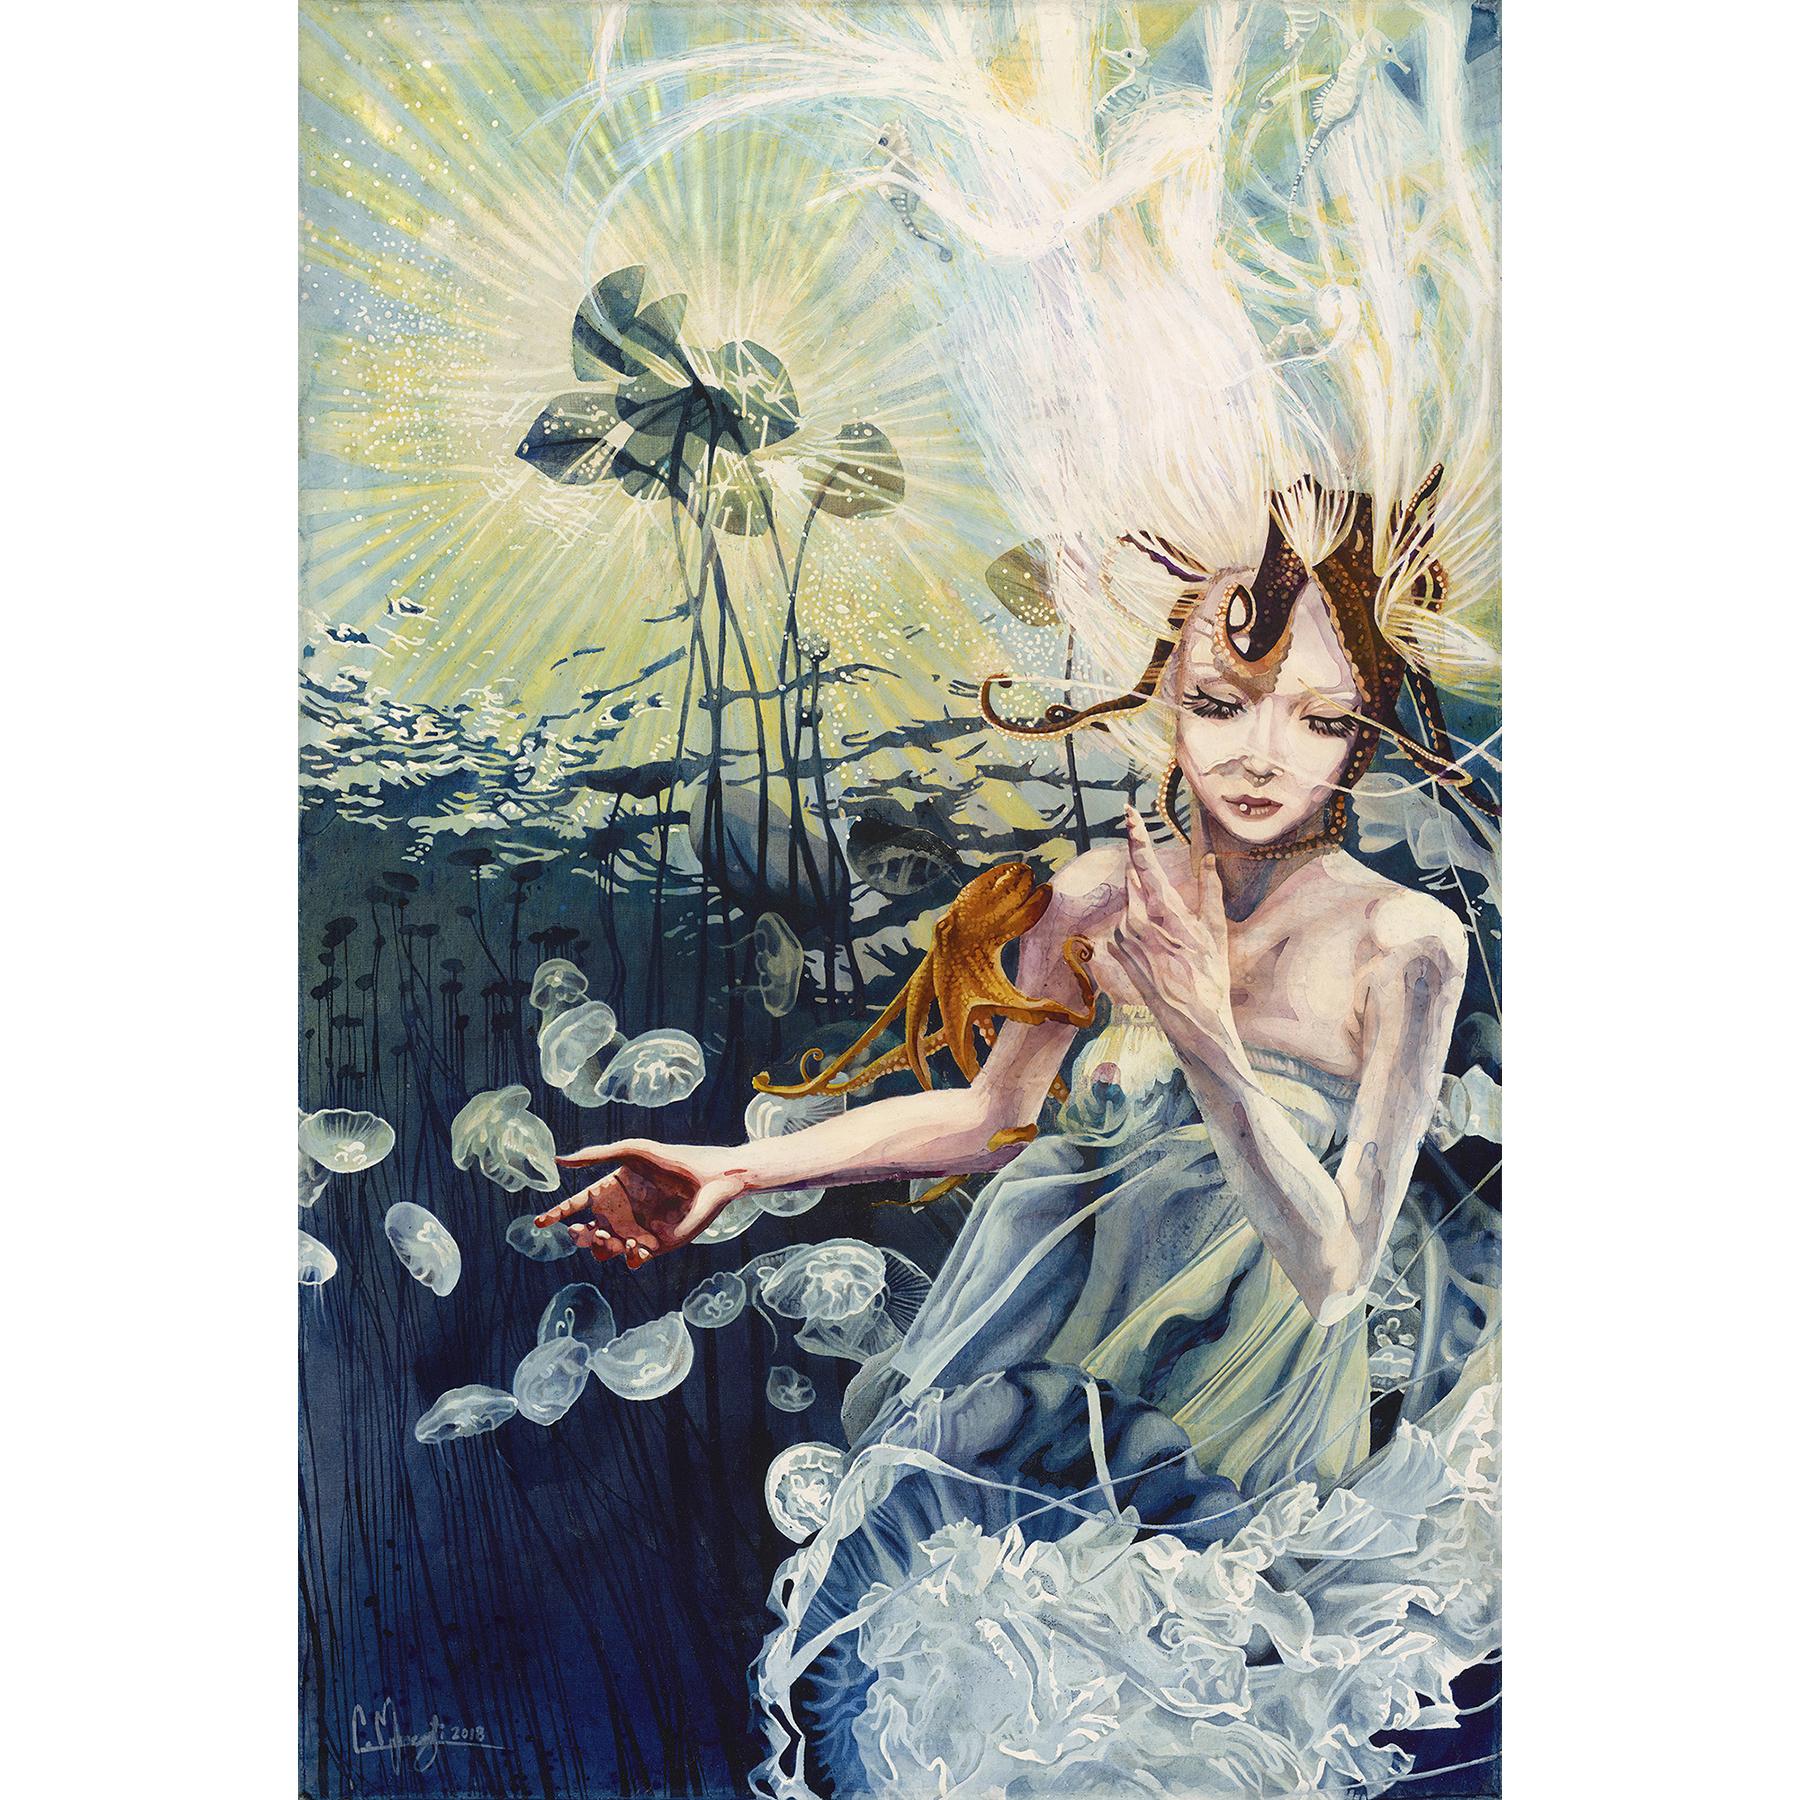 Mermaid_Watercolor_Painting_Seahorse_Oct